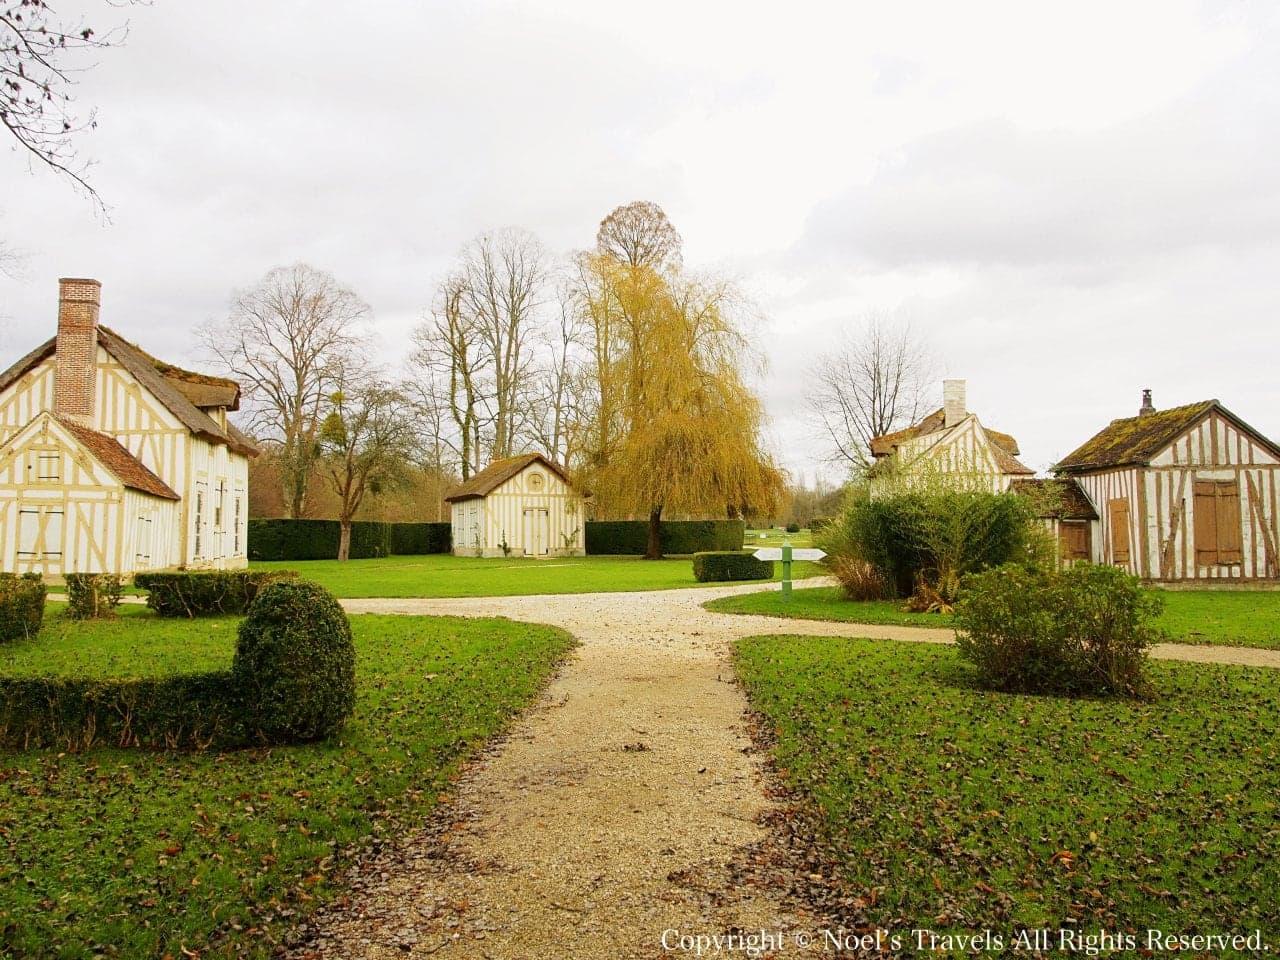 シャンティイ城の庭園にある集落